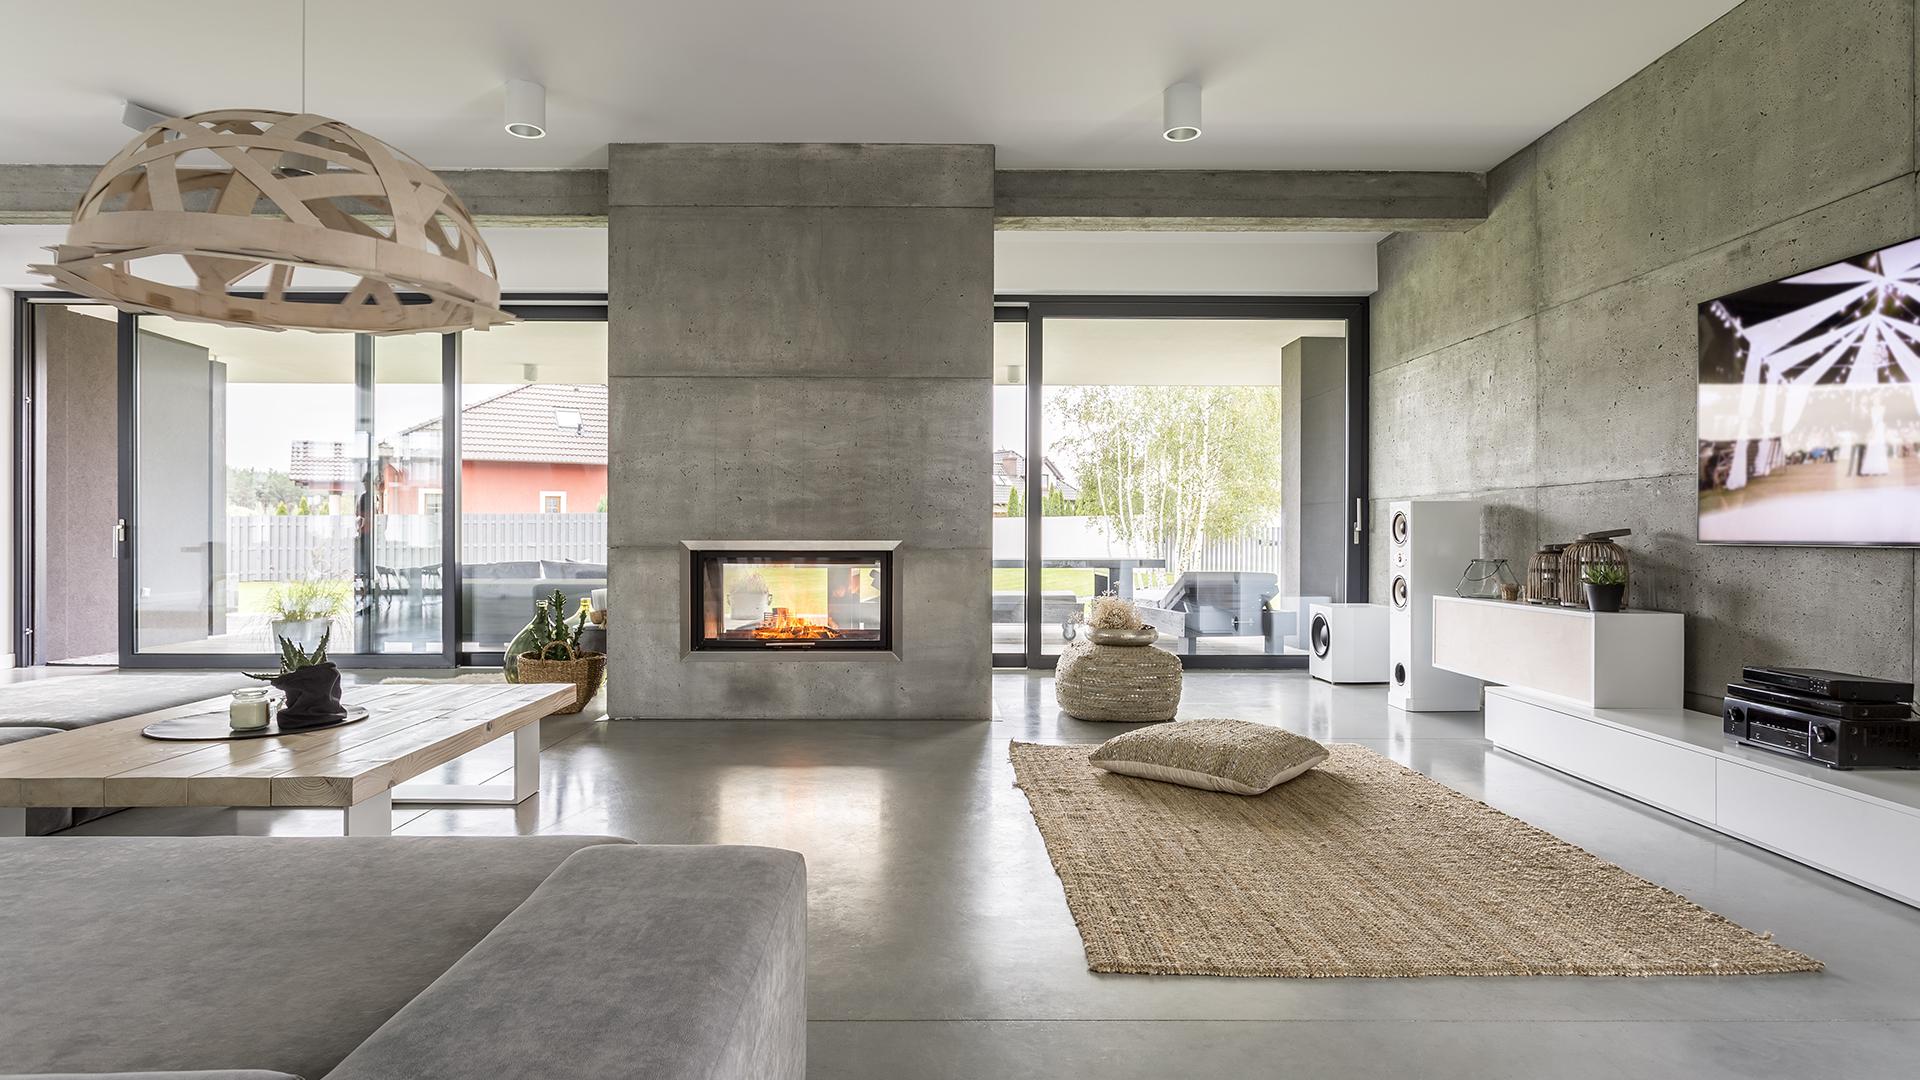 Wohnraum mit Ofen